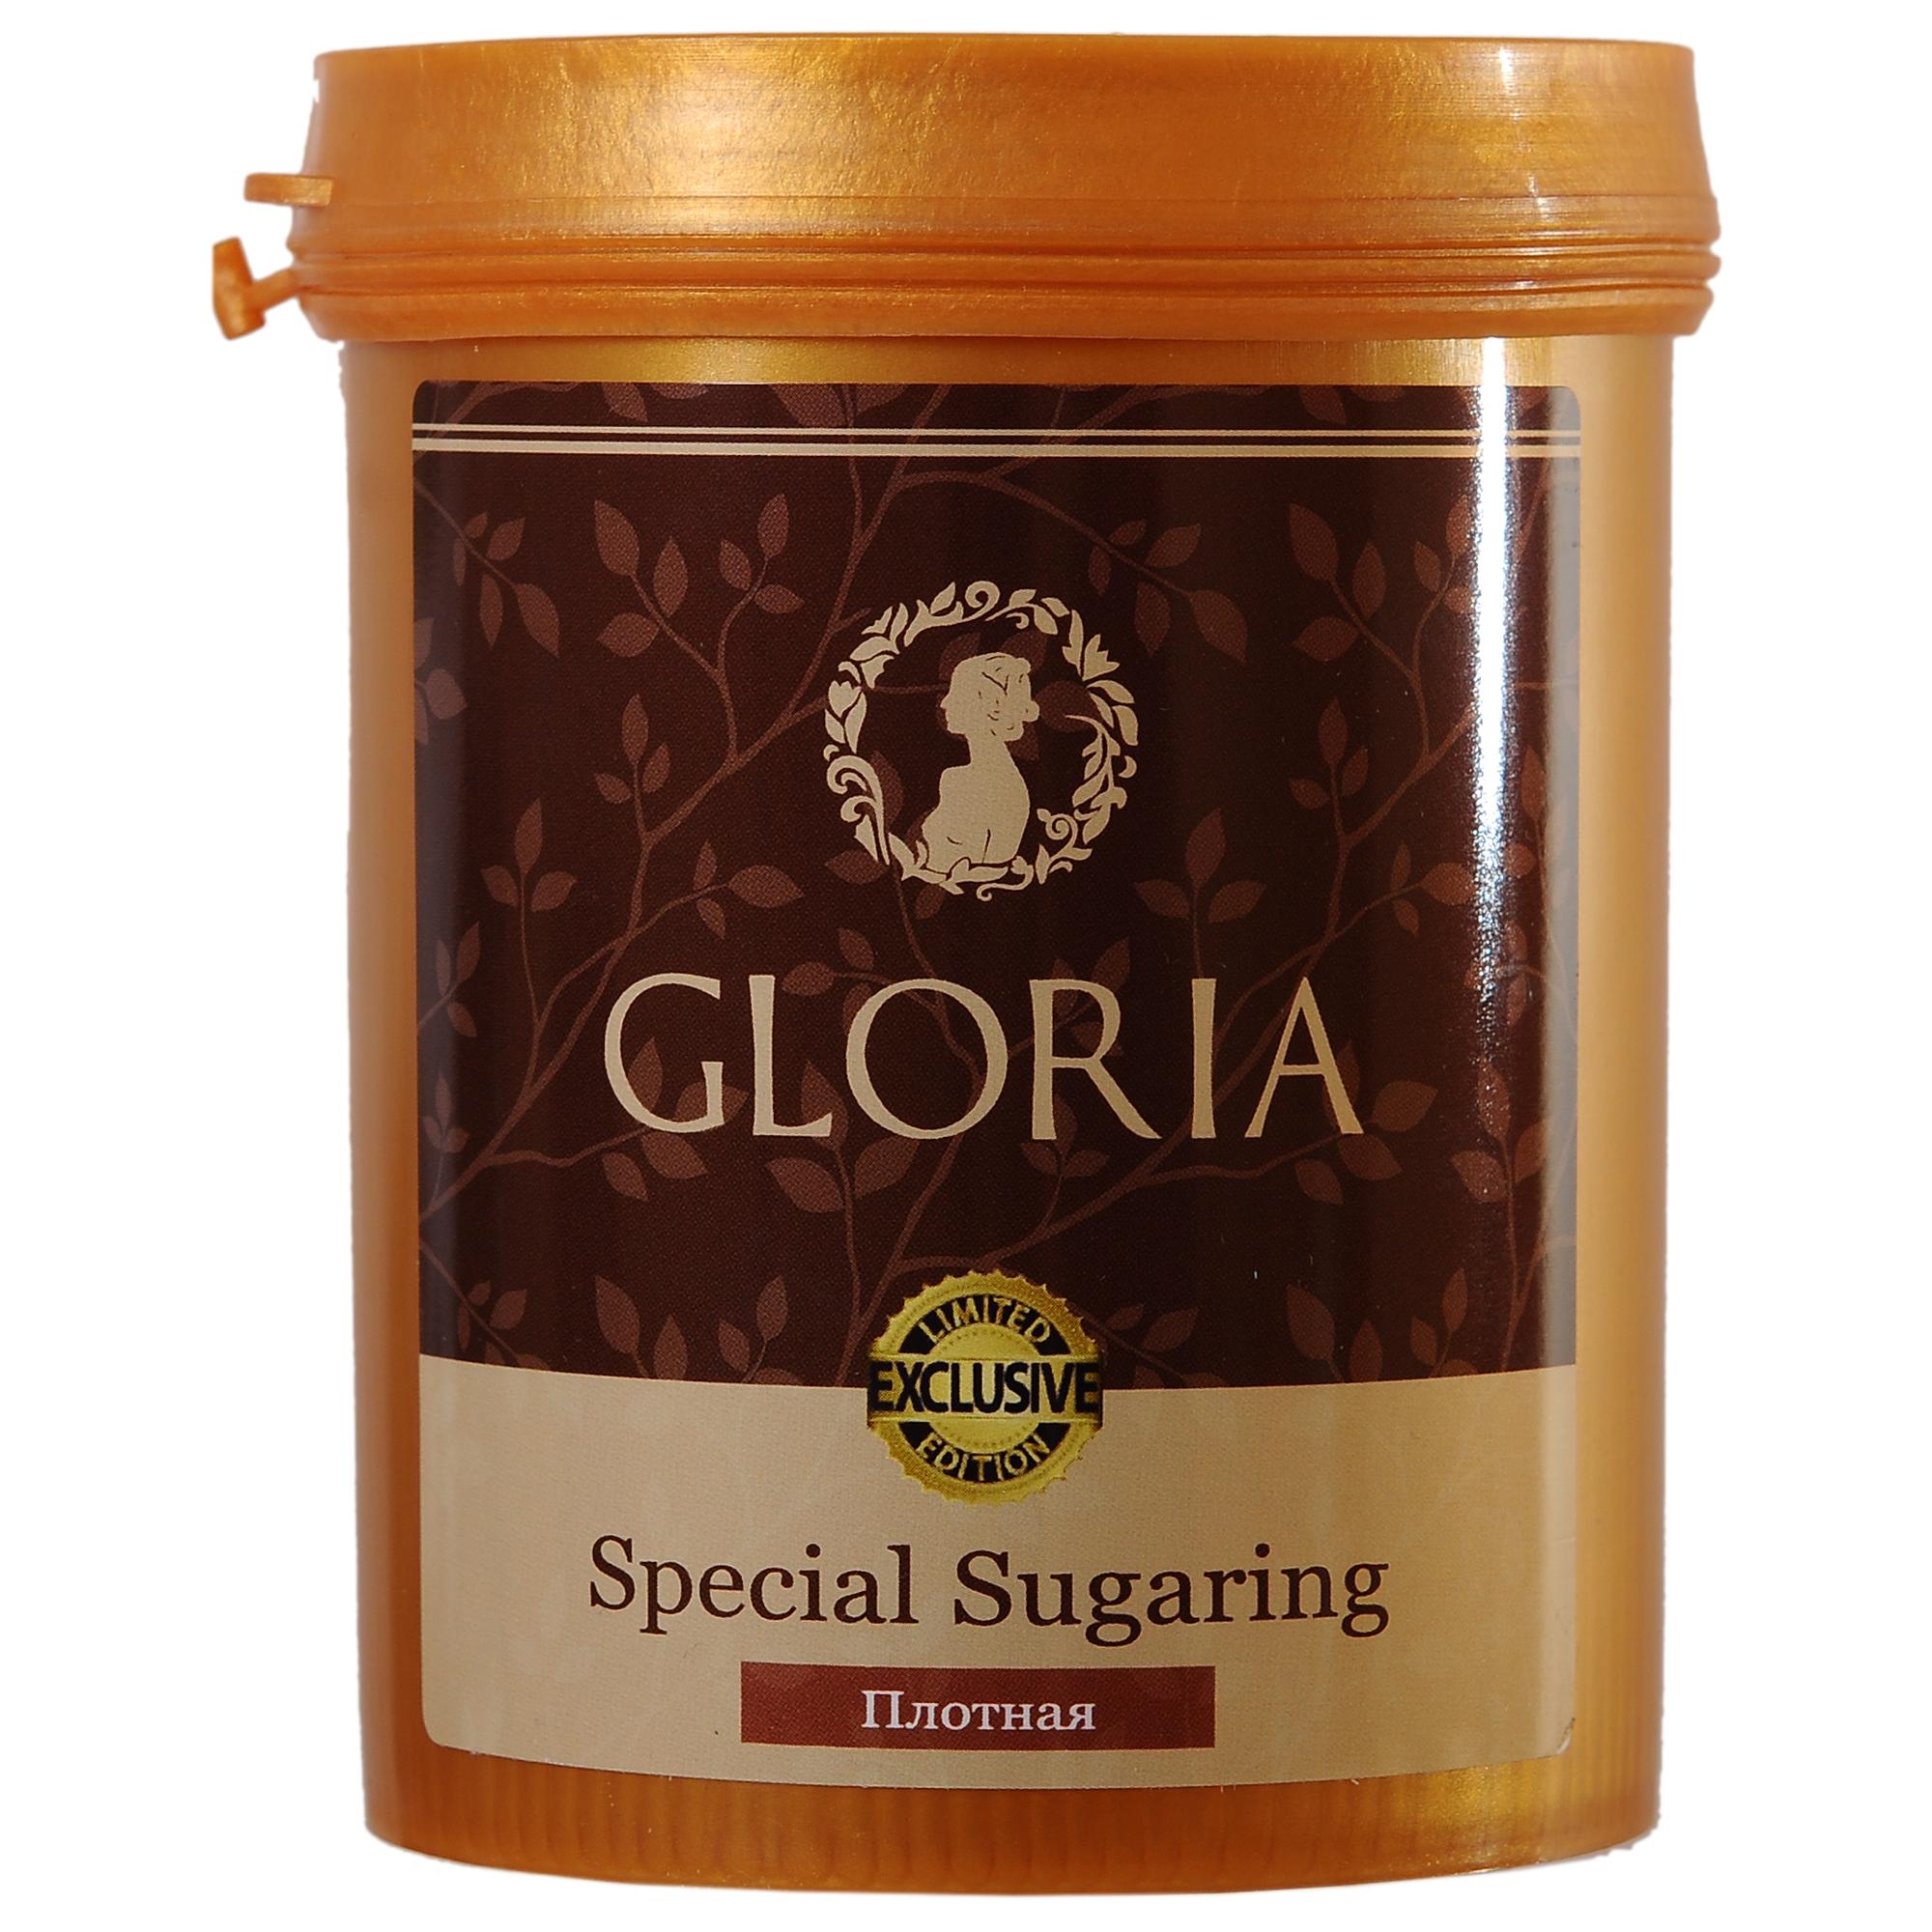 GLORIA Паста для шугаринга Gloria Exclusive твердая 0,8 кгСахарные пасты<br>Вокруг состава пасты для шугаринга, а точнее наличия или отсутствия в ней лимонной кислоты, ходит много споров. Компания GLORIA приняла решение выпустить пасту GLORIA EXCLUSIVE не только без лимонной кислоты, но и с включением дополнительных полезных ингредиентов. Незаменима в жарких помещениях и для борьбы с очень жесткими волосками, используется для эпиляции в зоне бикини и подмышечных впадинах. Преимущества : 1. Не содержит лимонную кислоту 2. Уникальная формула с ионами серебра 3. Абсолютно натуральный продукт 4. Гипоаллергенная&amp;nbsp; 5. Гигиенична 6. Безопасна Активные ингредиенты: вода, глюкоза, фруктоза. Способ применения:&amp;nbsp;на предварительно очищенную и обезжиренную кожу нанести небольшое количество пасты в направлении, противоположном направлению роста волос. Резким движением оторвать пасту вместе с нежелательными волосками, второй рукой натягивая кожу в противоположную сторону. По окончании процедуры остатки пасты удалить влажной салфеткой. Количество процедур:&amp;nbsp;25-30<br><br>Объем: 0,8 кг<br>Консистенция: Твердая